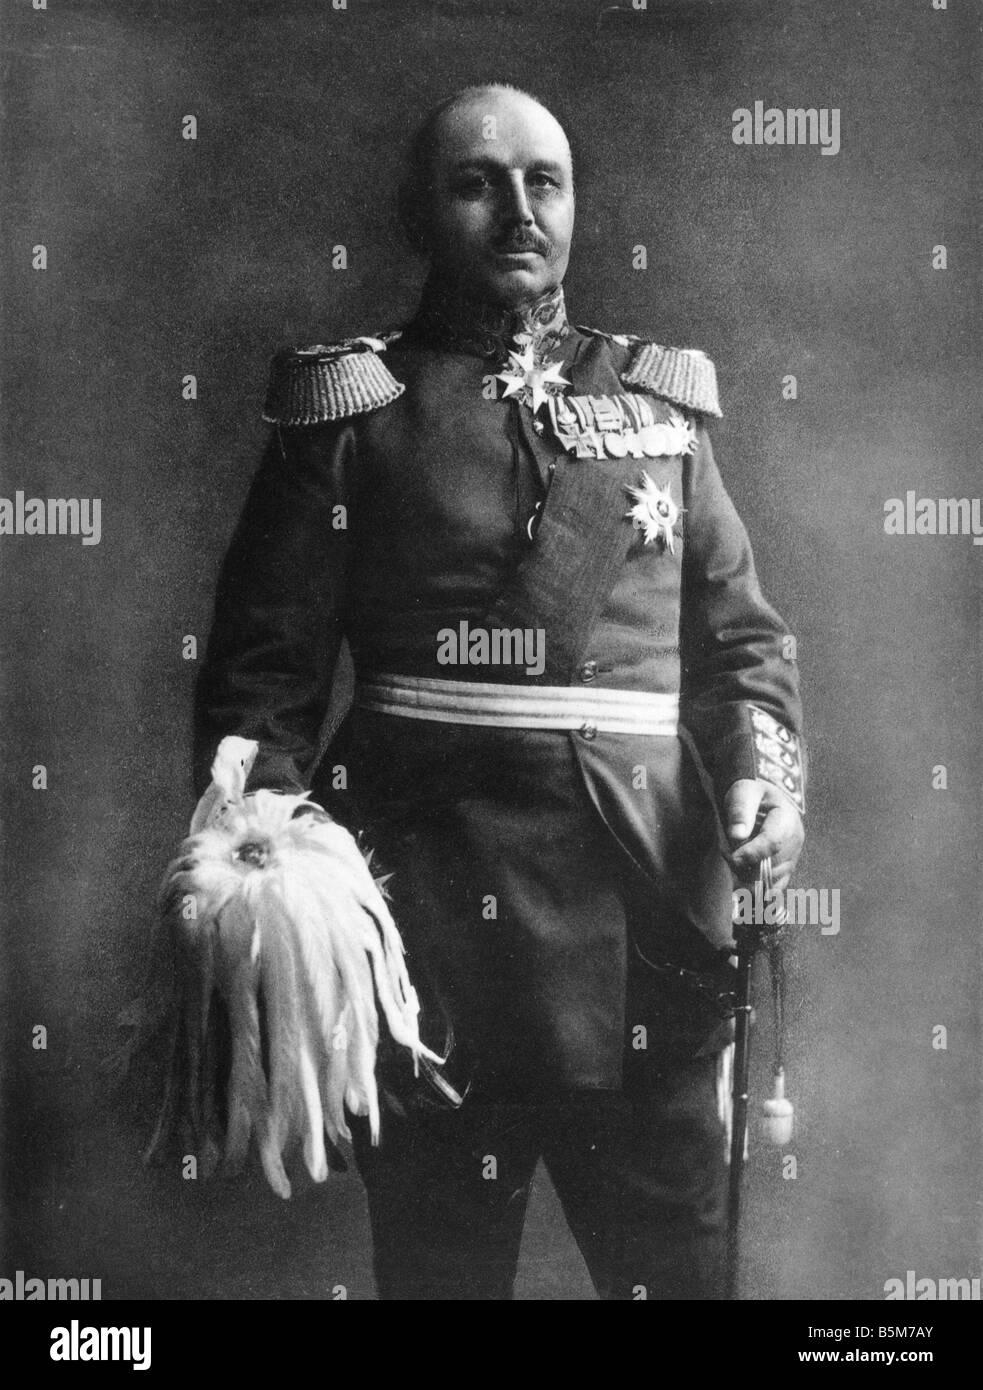 1 K51 B1910 e Alexander von Kluck foto c 1910 Kluck Alexander von colonnello prussiano il colonnello generale 1913 Immagini Stock